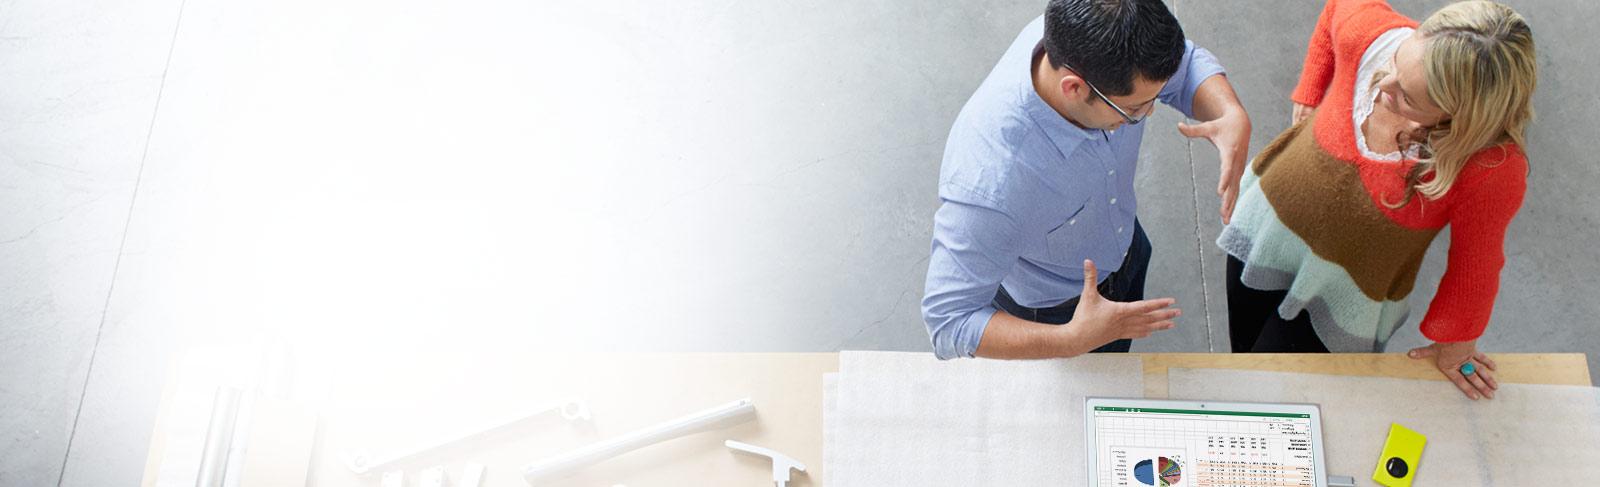 Ein Mann und eine Frau nutzen am Zeichentisch stehend ein Tablet mit Office 365 ProPlus.